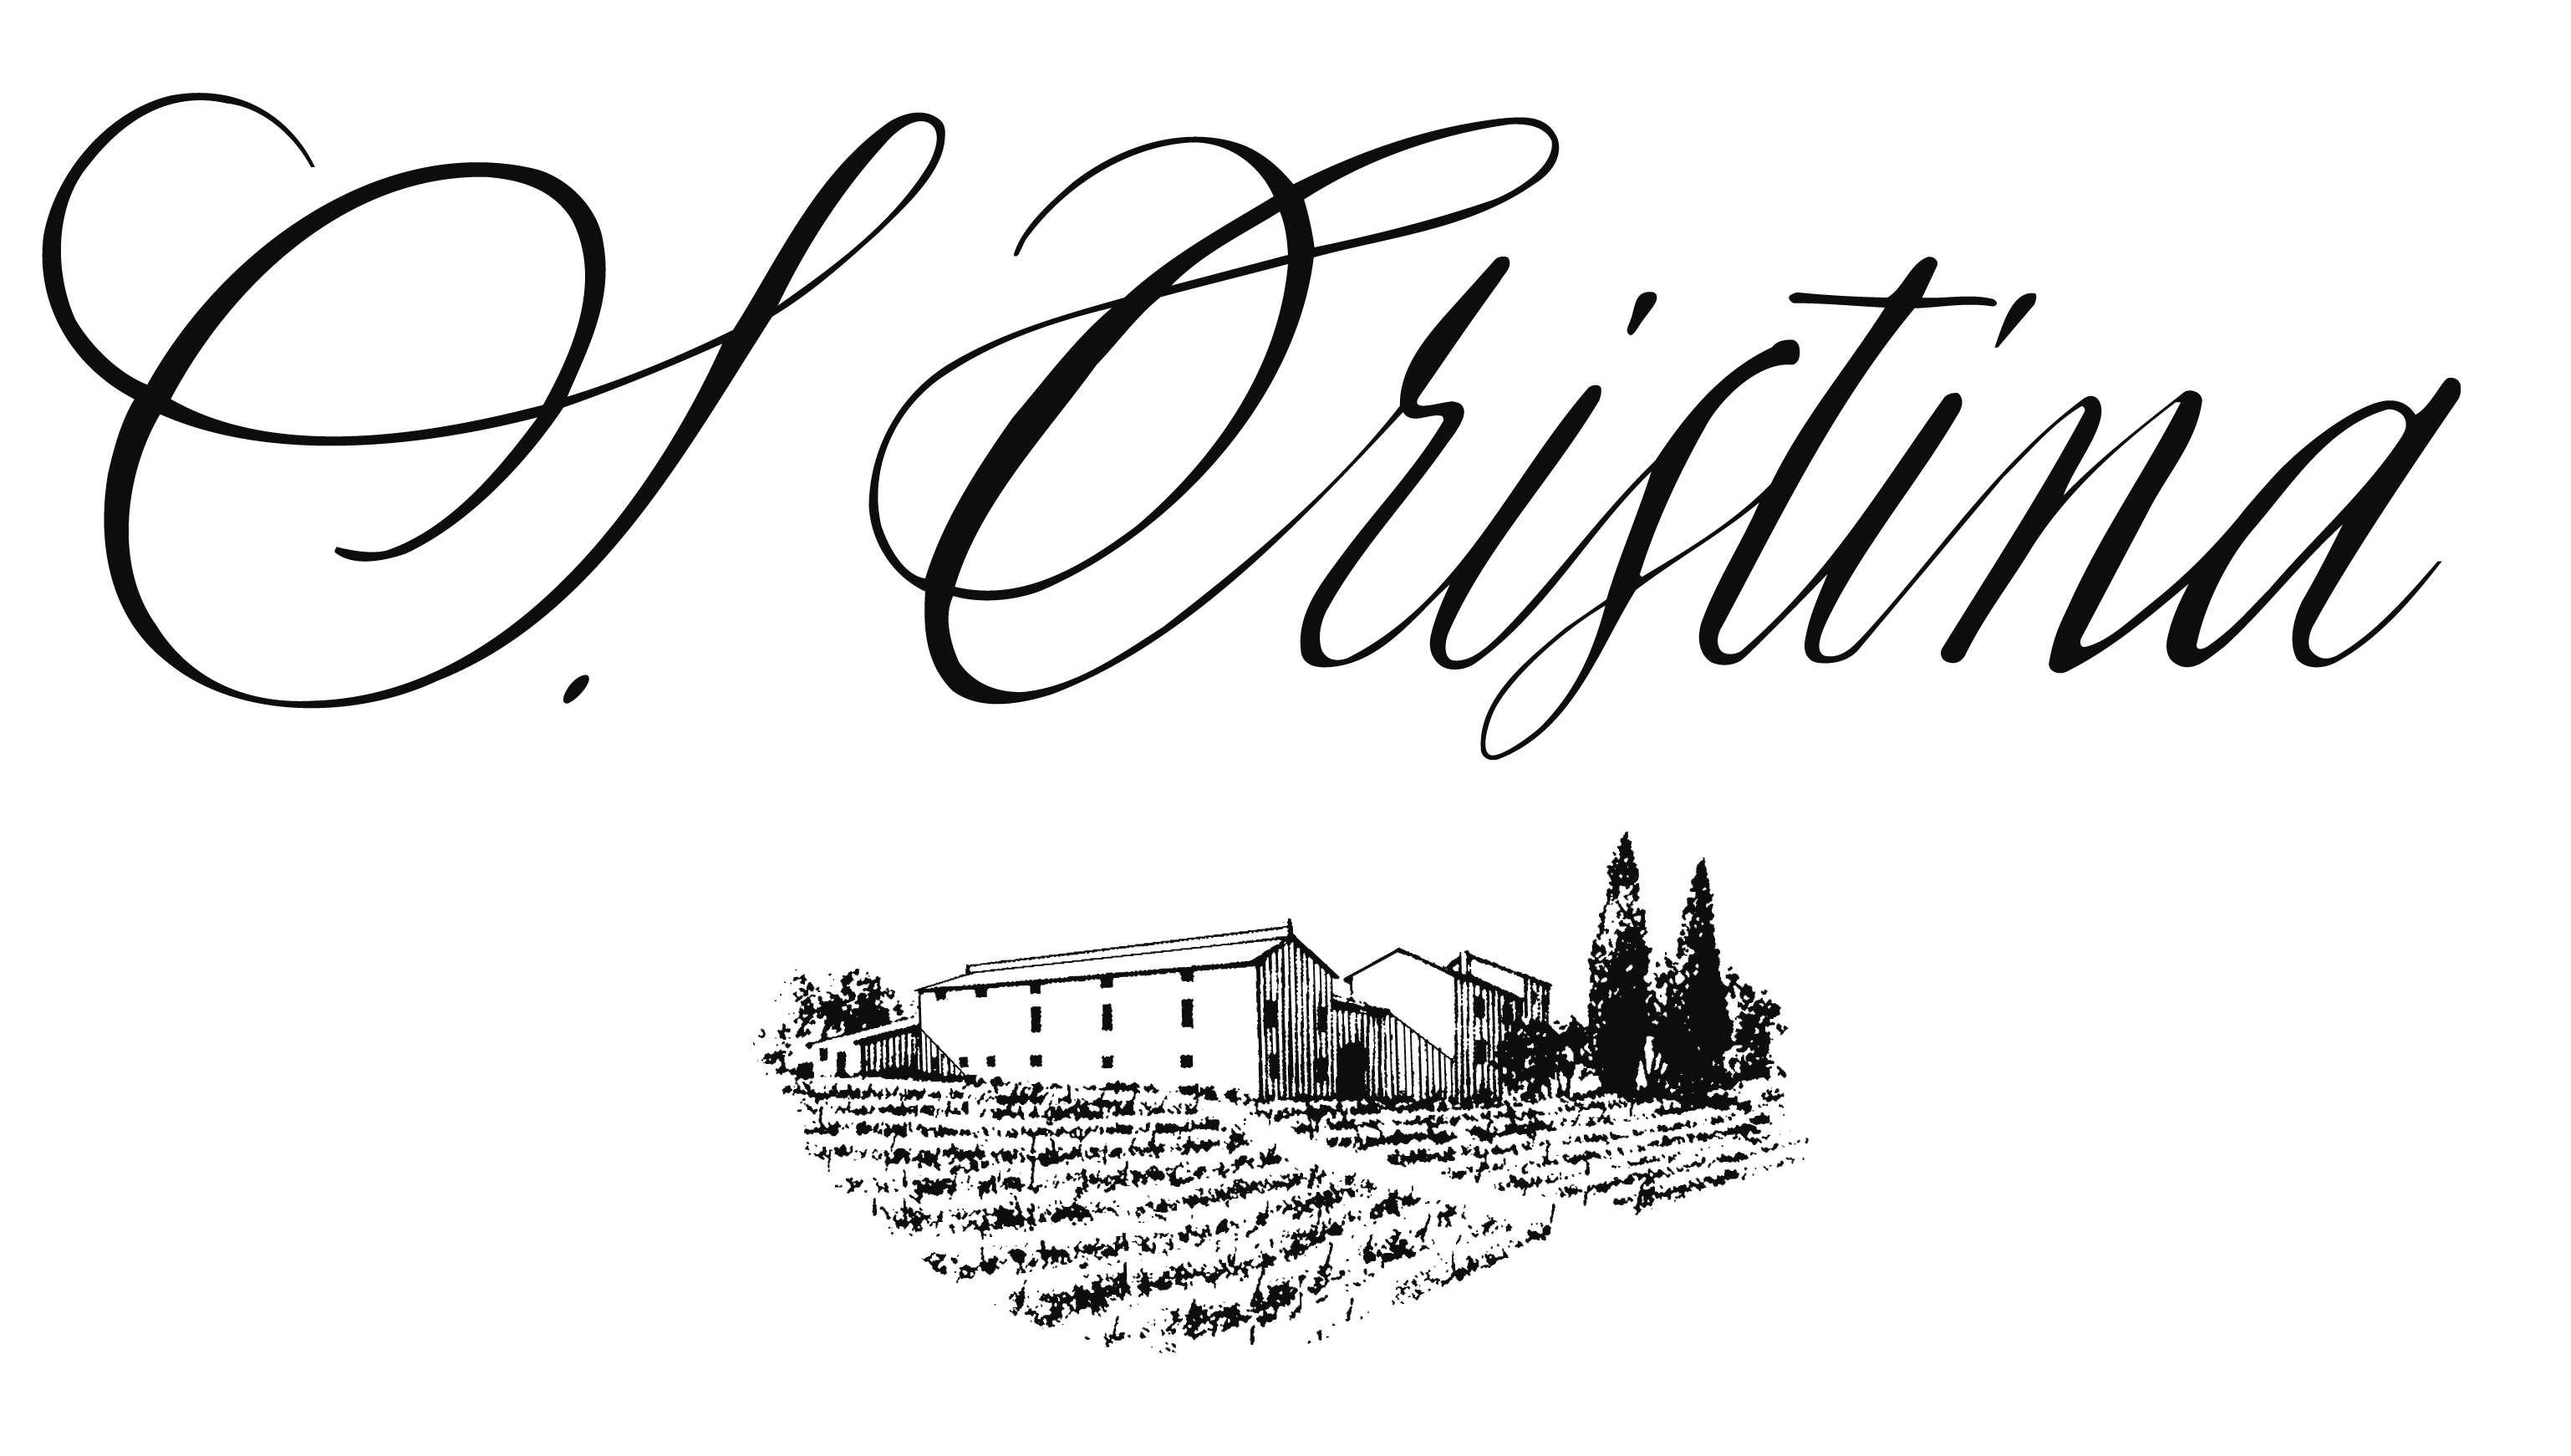 Azienda Agricola S. Cristina di Zenato